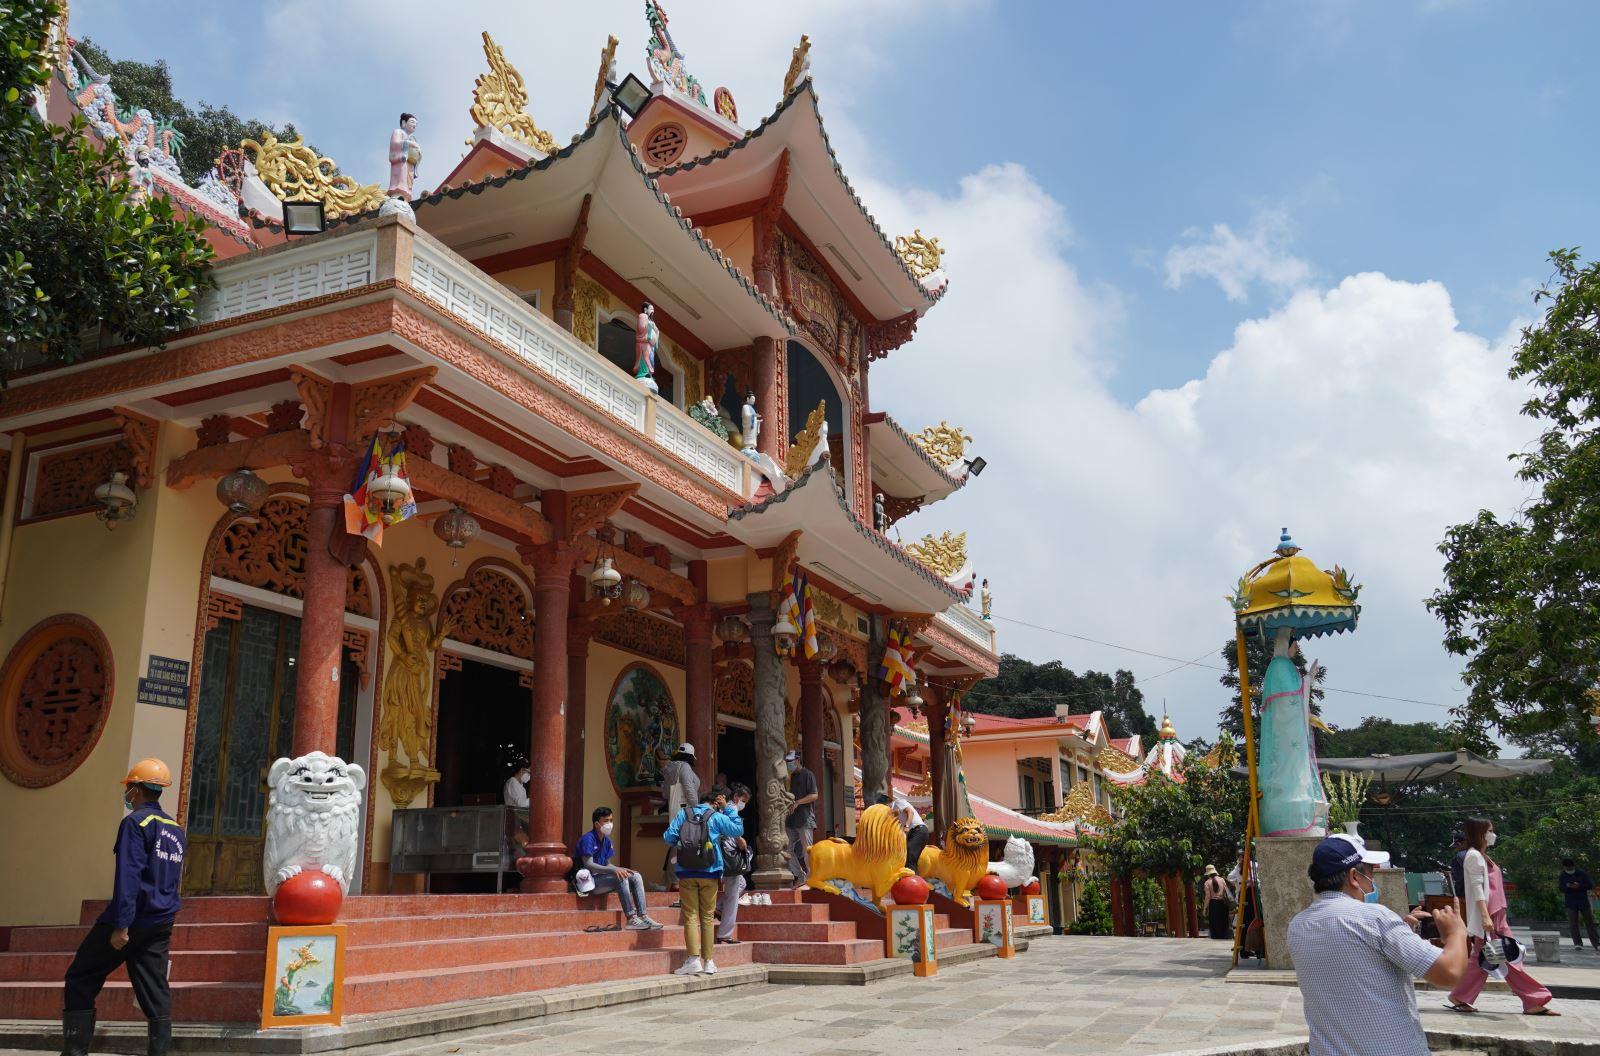 TP Hồ Chí Minh nối lại tour du lịch khép kín đến núi Bà Đen (Tây Ninh)